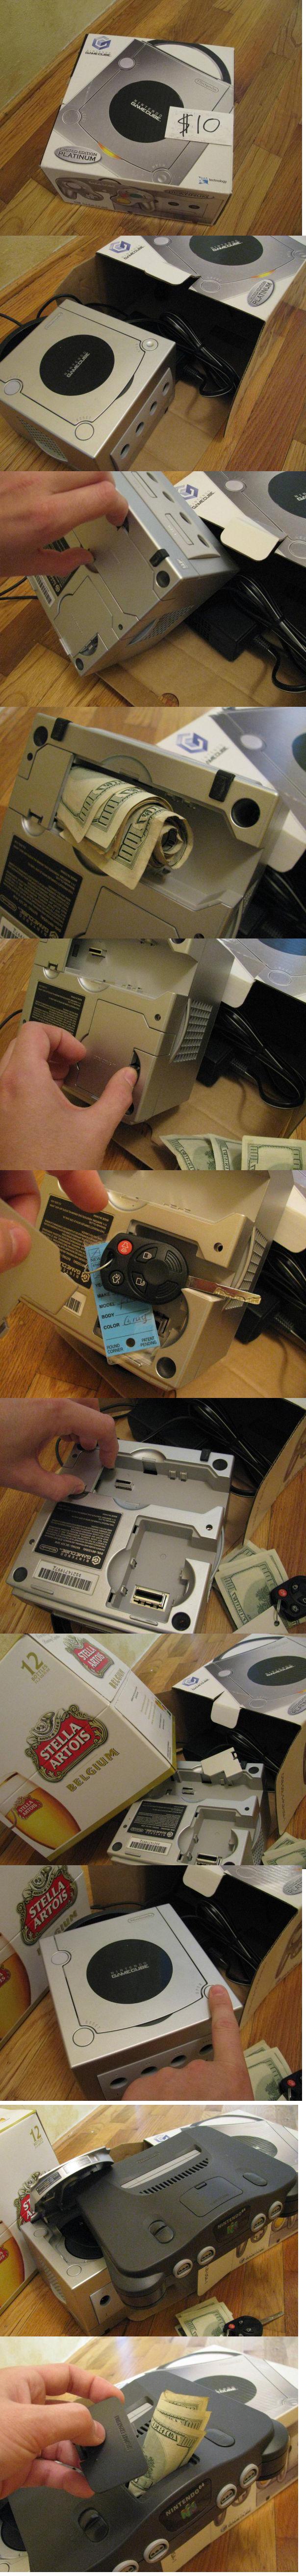 Lucky guy. this guy bought a gamecube for 10$....he got more than he expected. asdasdasdasdas